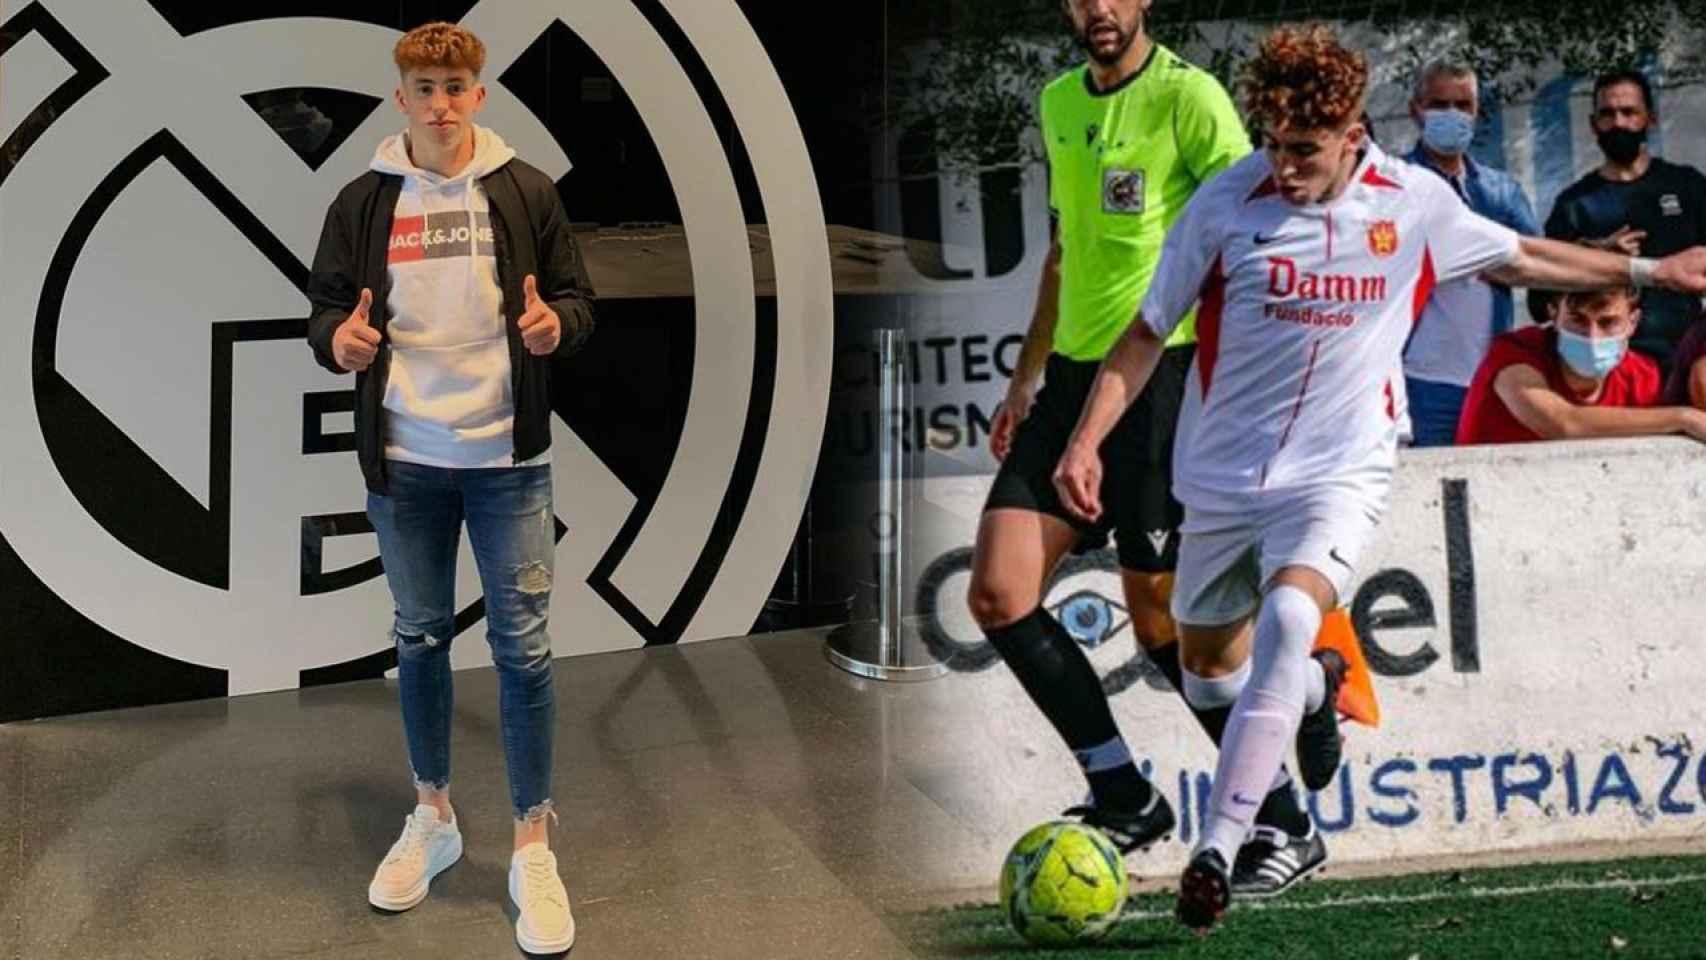 Víctor Muñoz, posando como jugador del Real Madrid y en su anterior etapa en el Damm en un fotomontaje